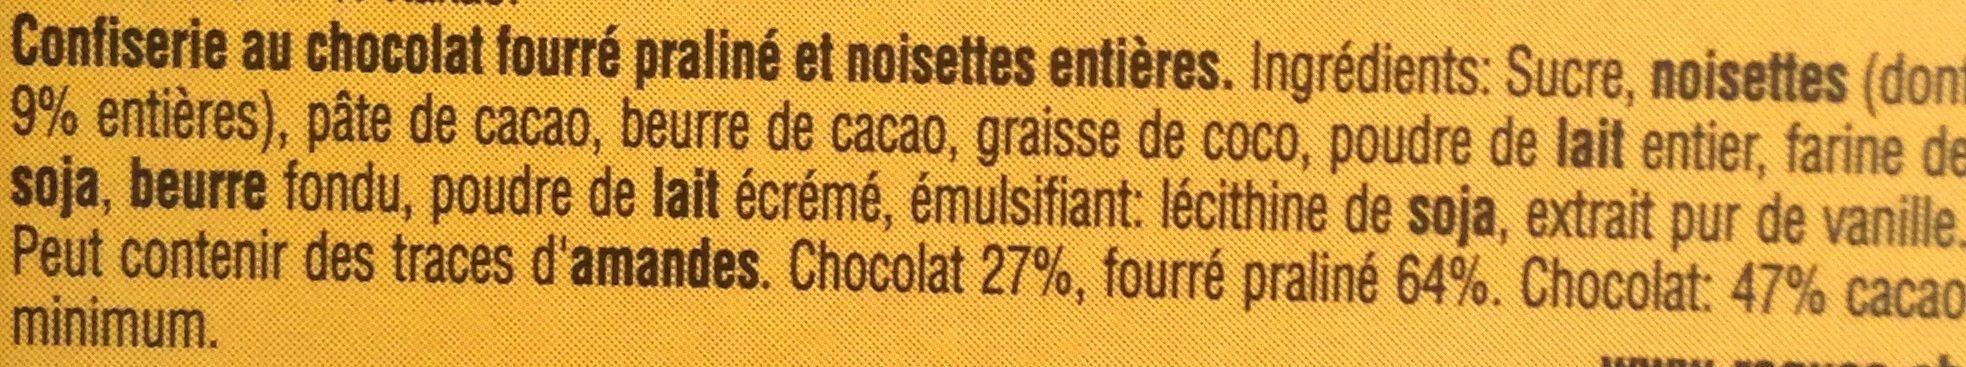 Ragusa Classique - Ingrediënten